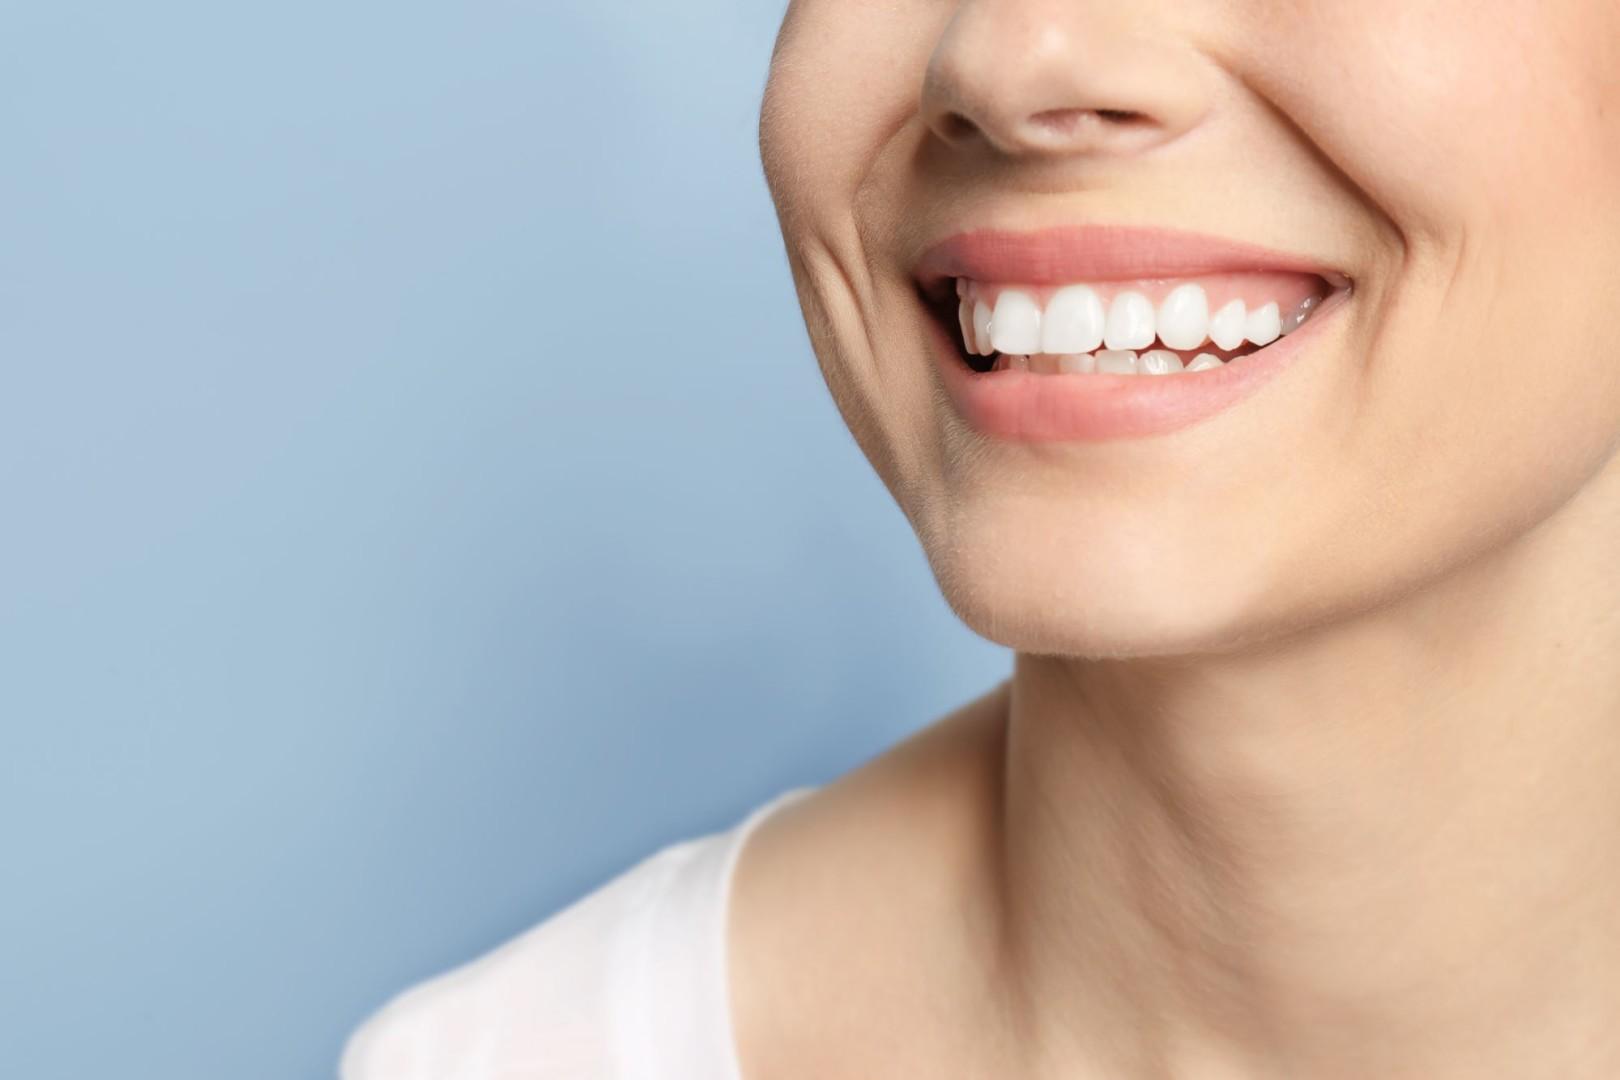 Chirurgie dentaire : pourquoi il faut mettre en œuvre ?